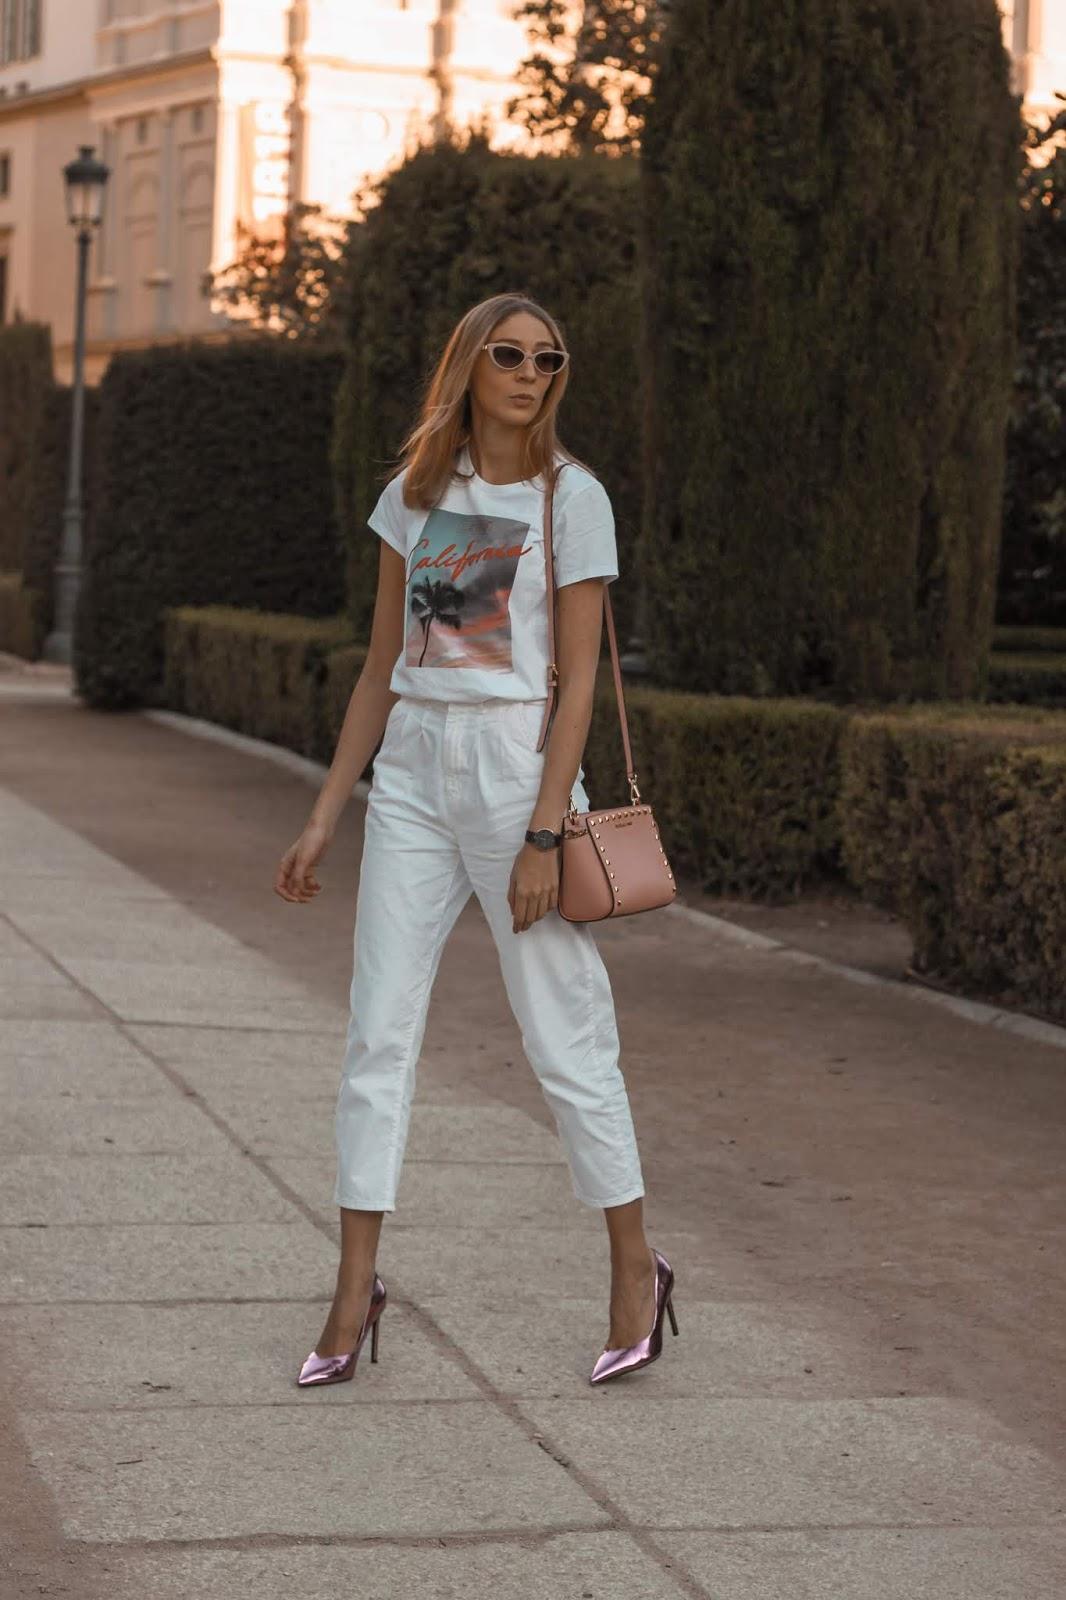 levis-balloon-pleated-blanco-stilettos-fluor-bershka-street-style